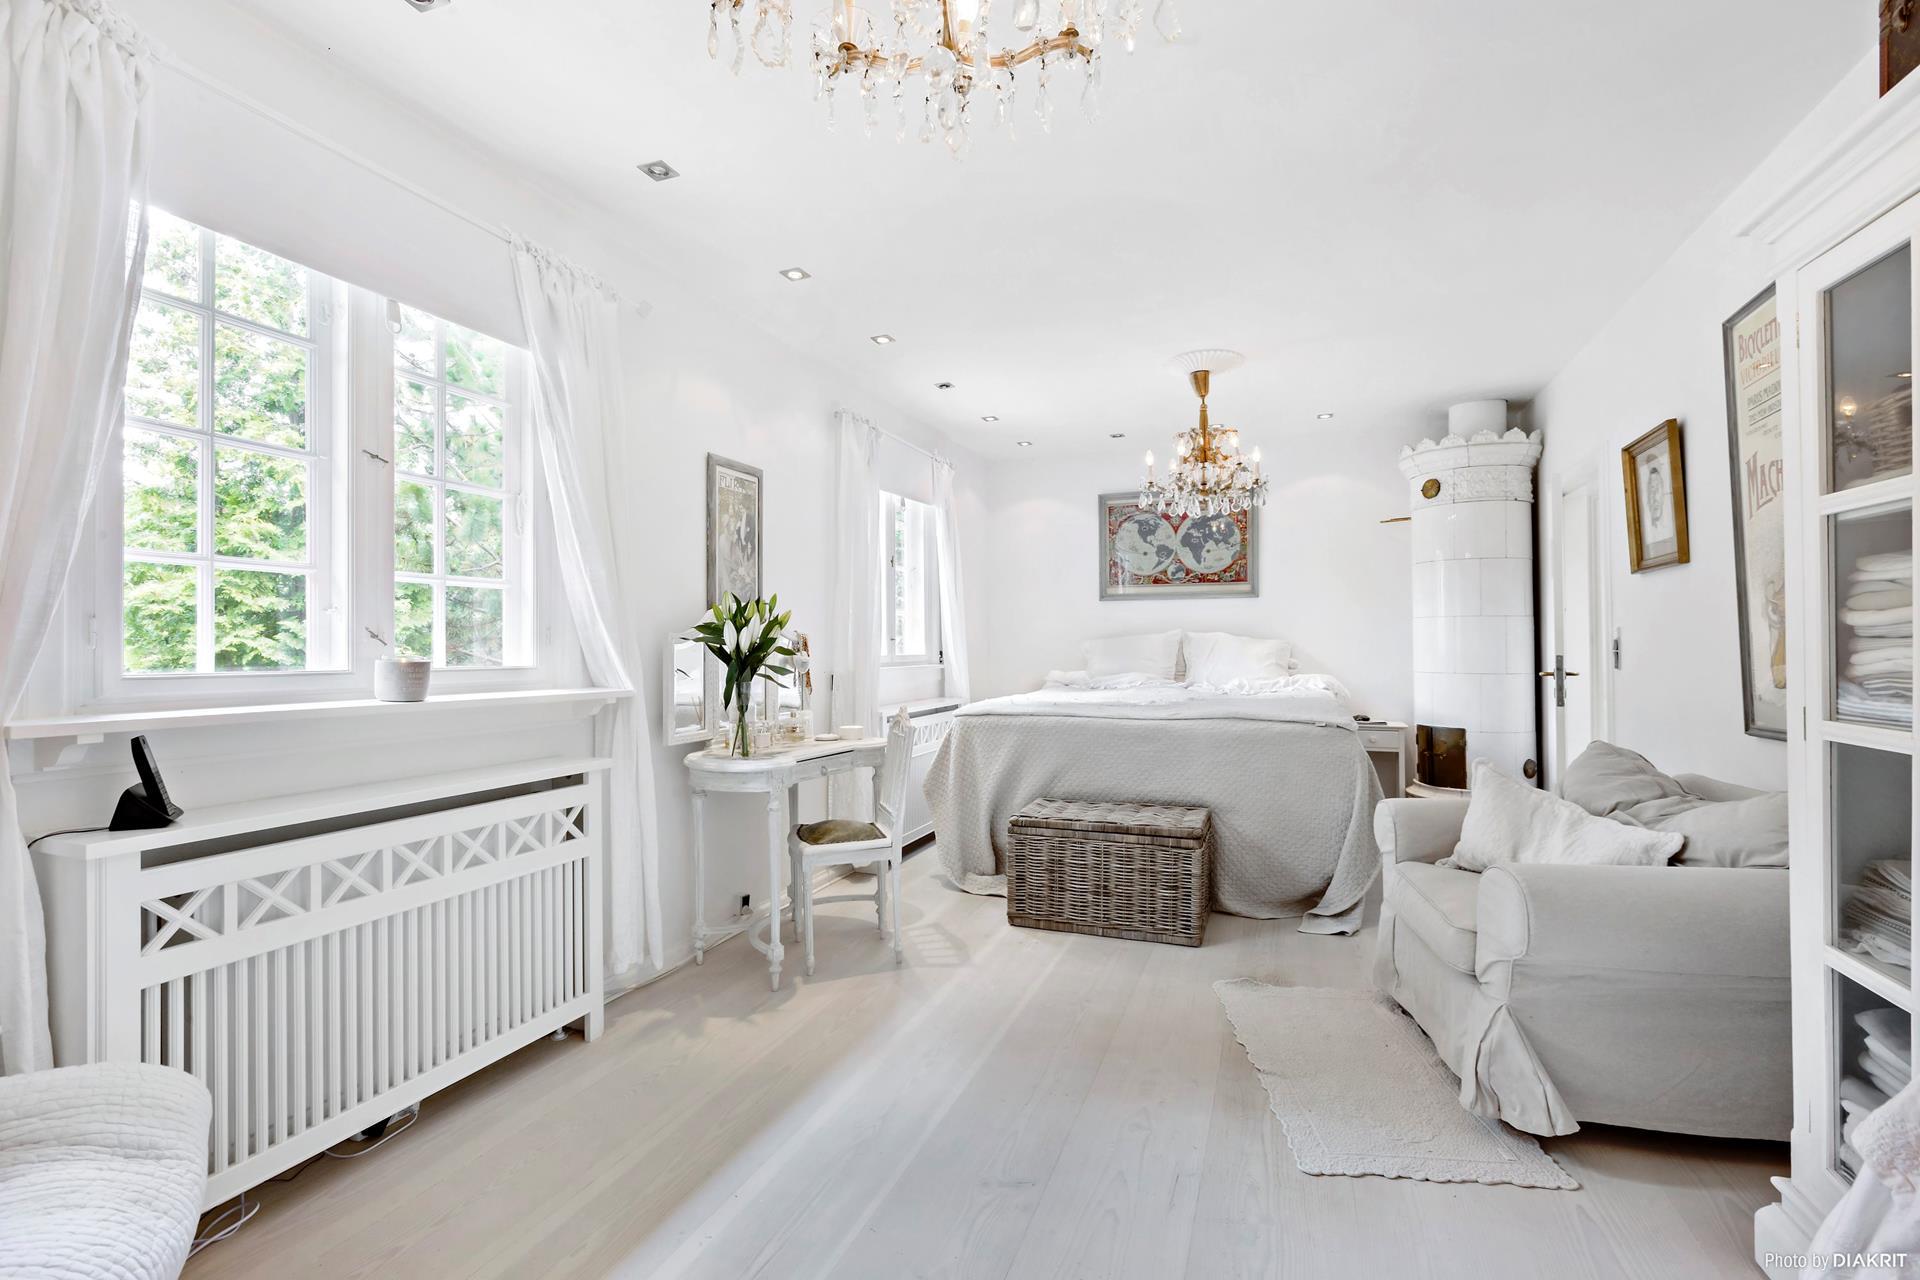 спальня кровать печь сундук кресло эсмеситель радиатора люстра